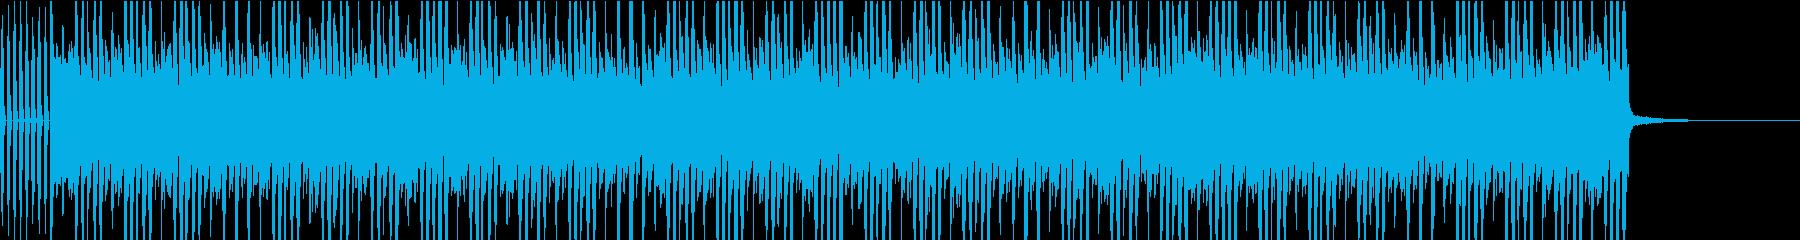 サイファービート4の再生済みの波形